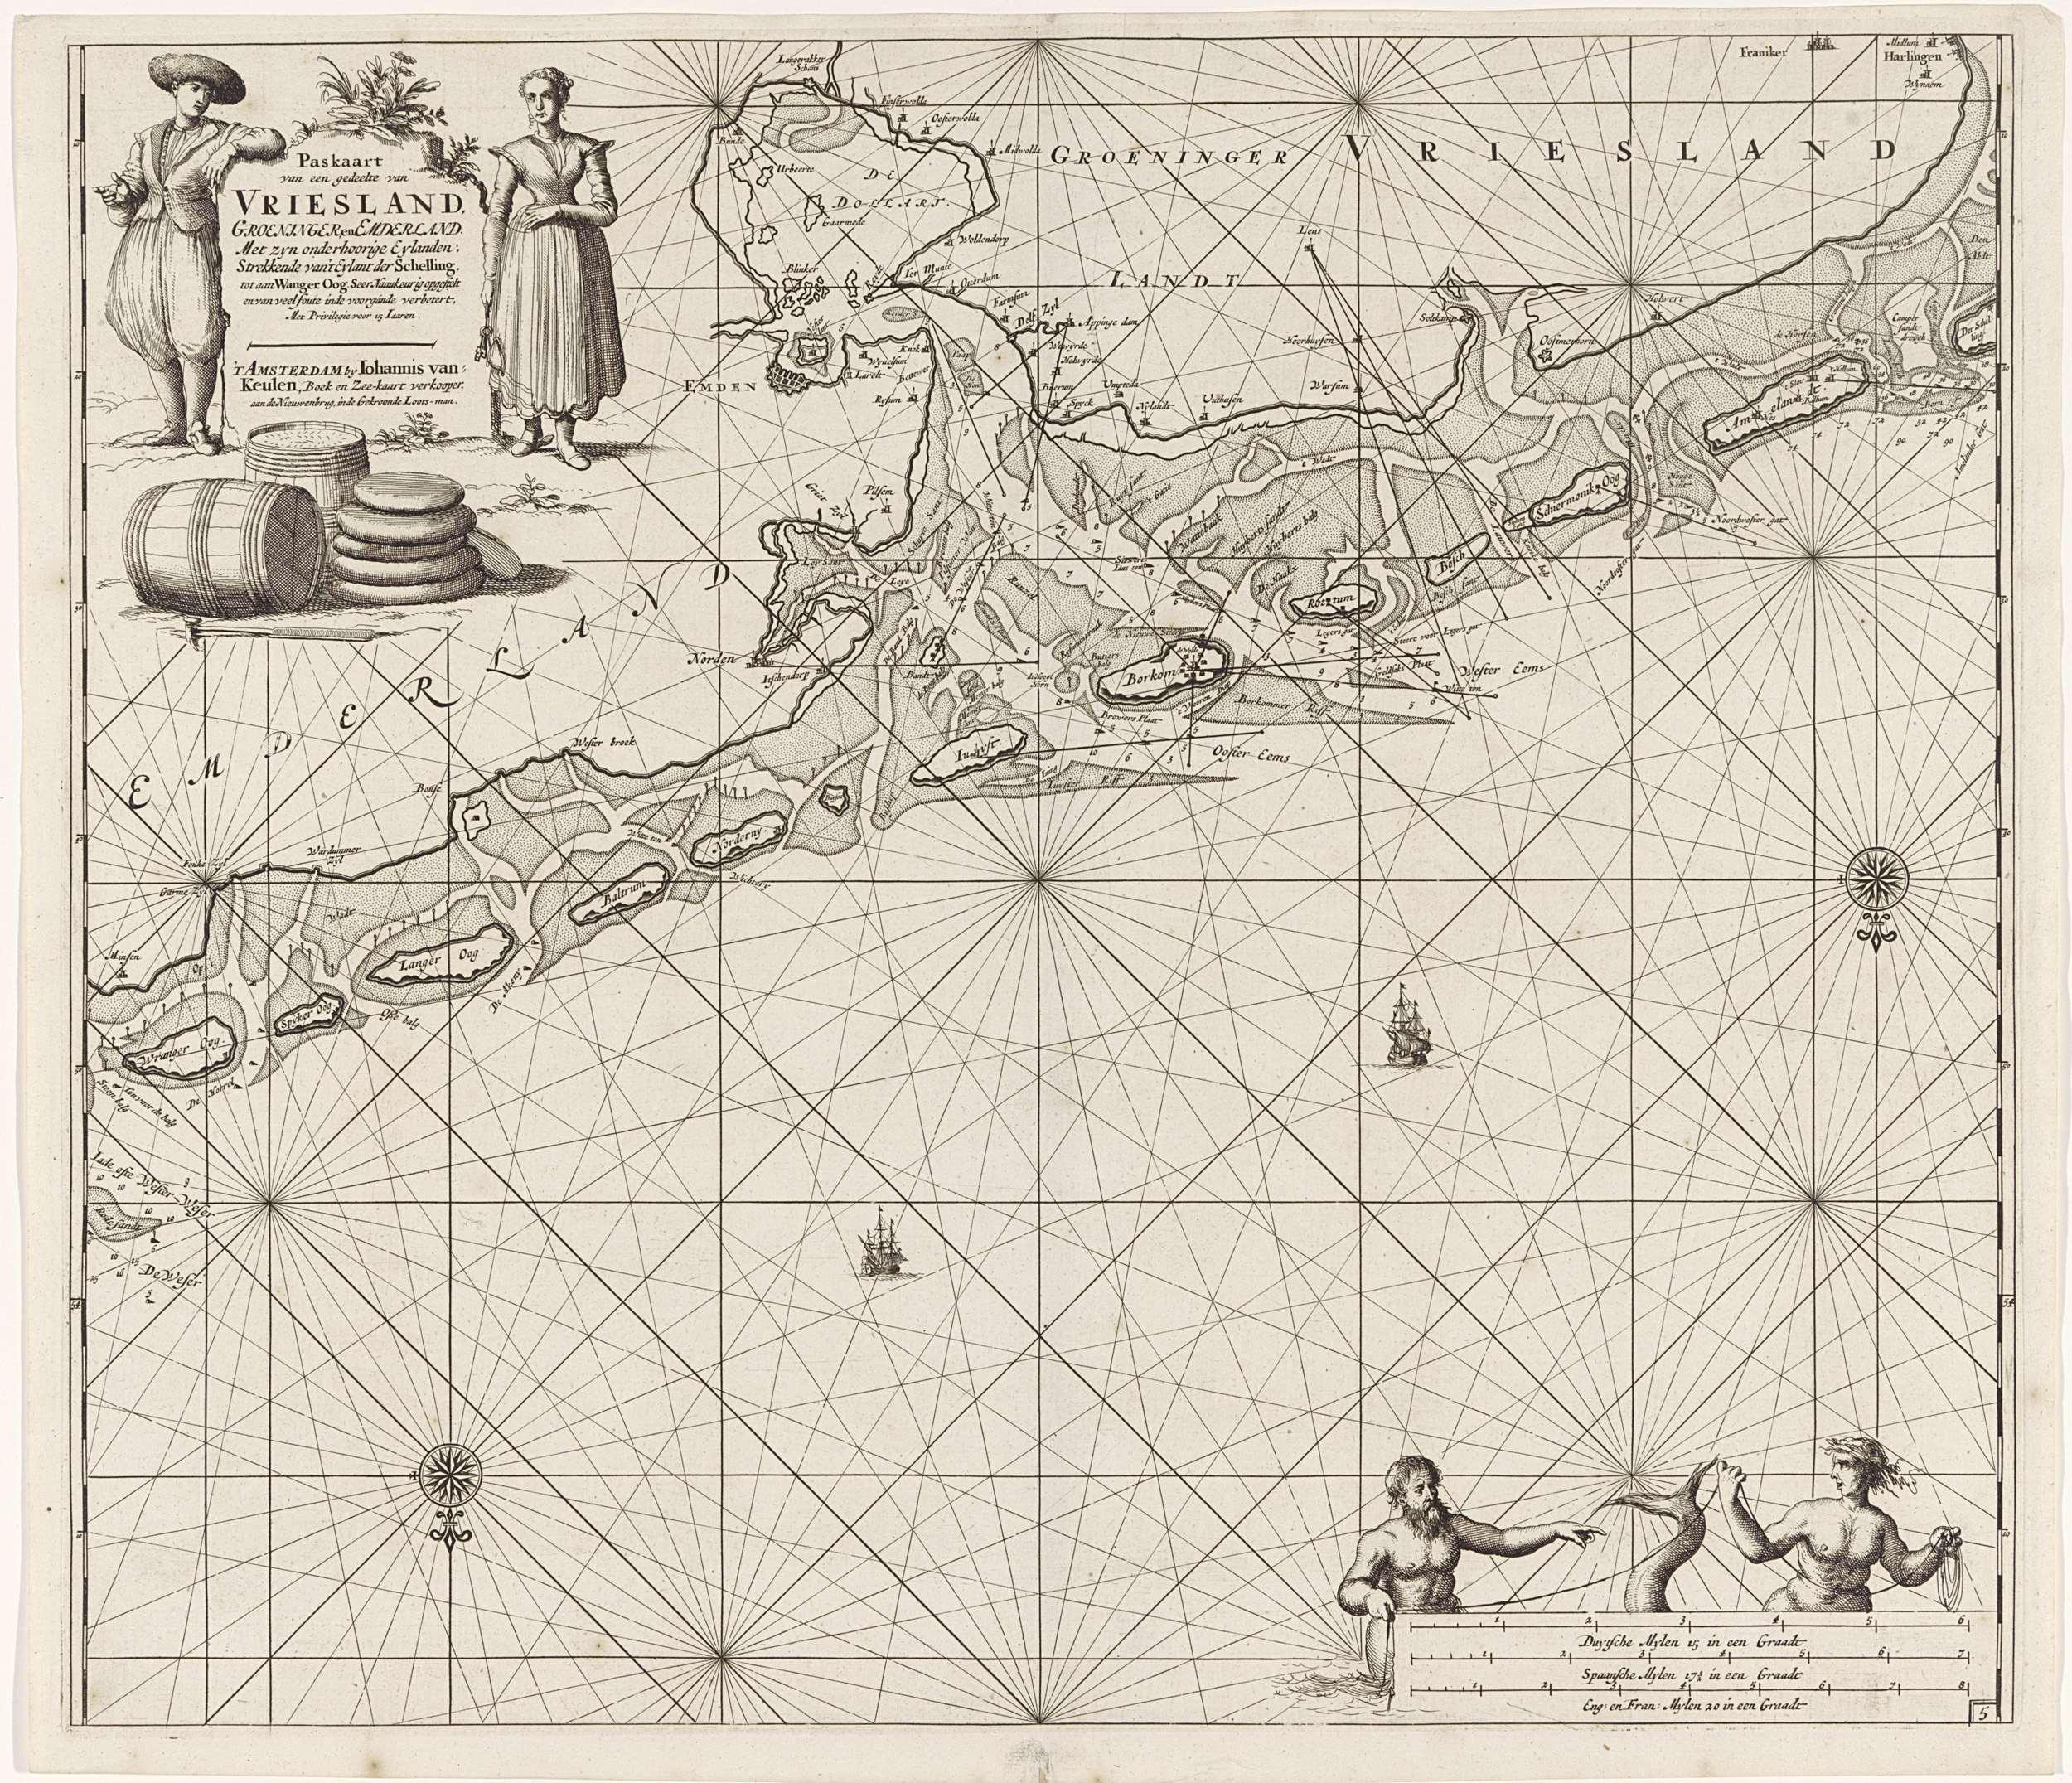 Paskaart van een groot deel de Waddeneilanden